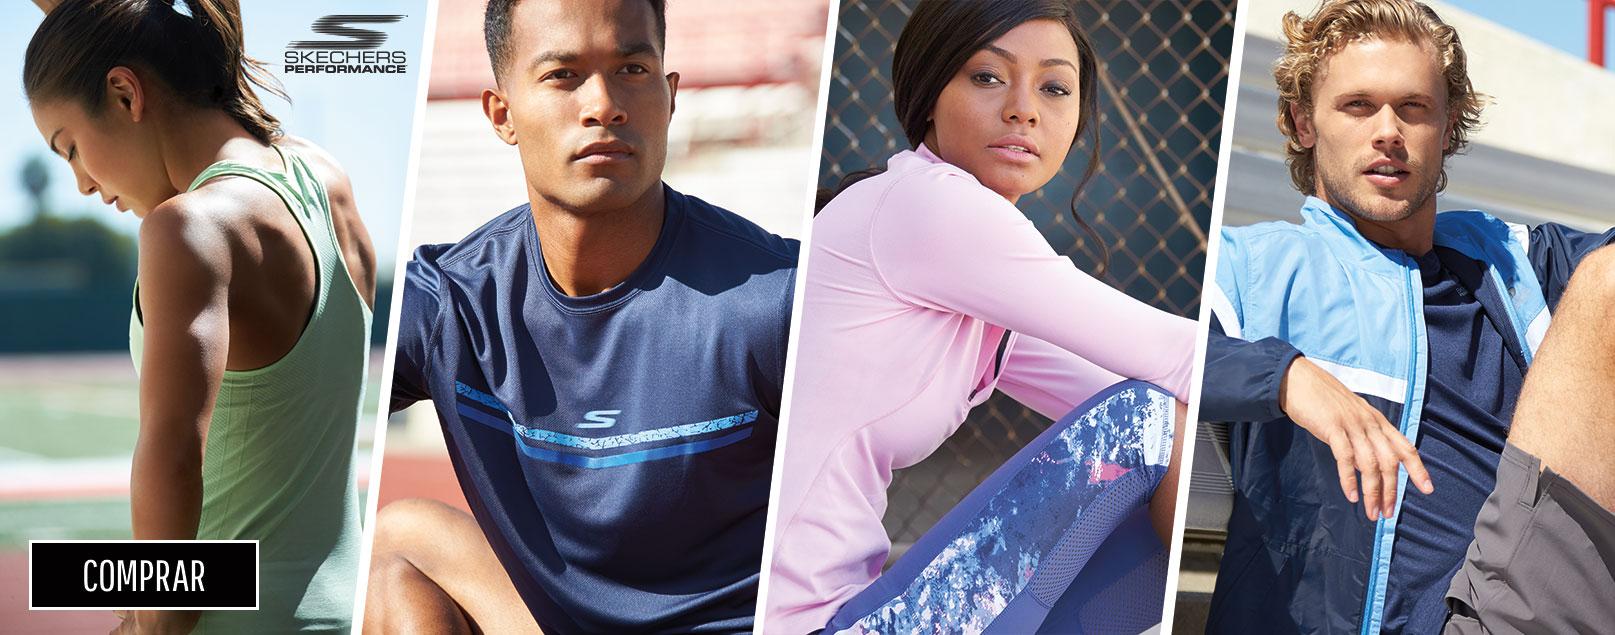 Nueva colección ropa deportiva Skechers Performance